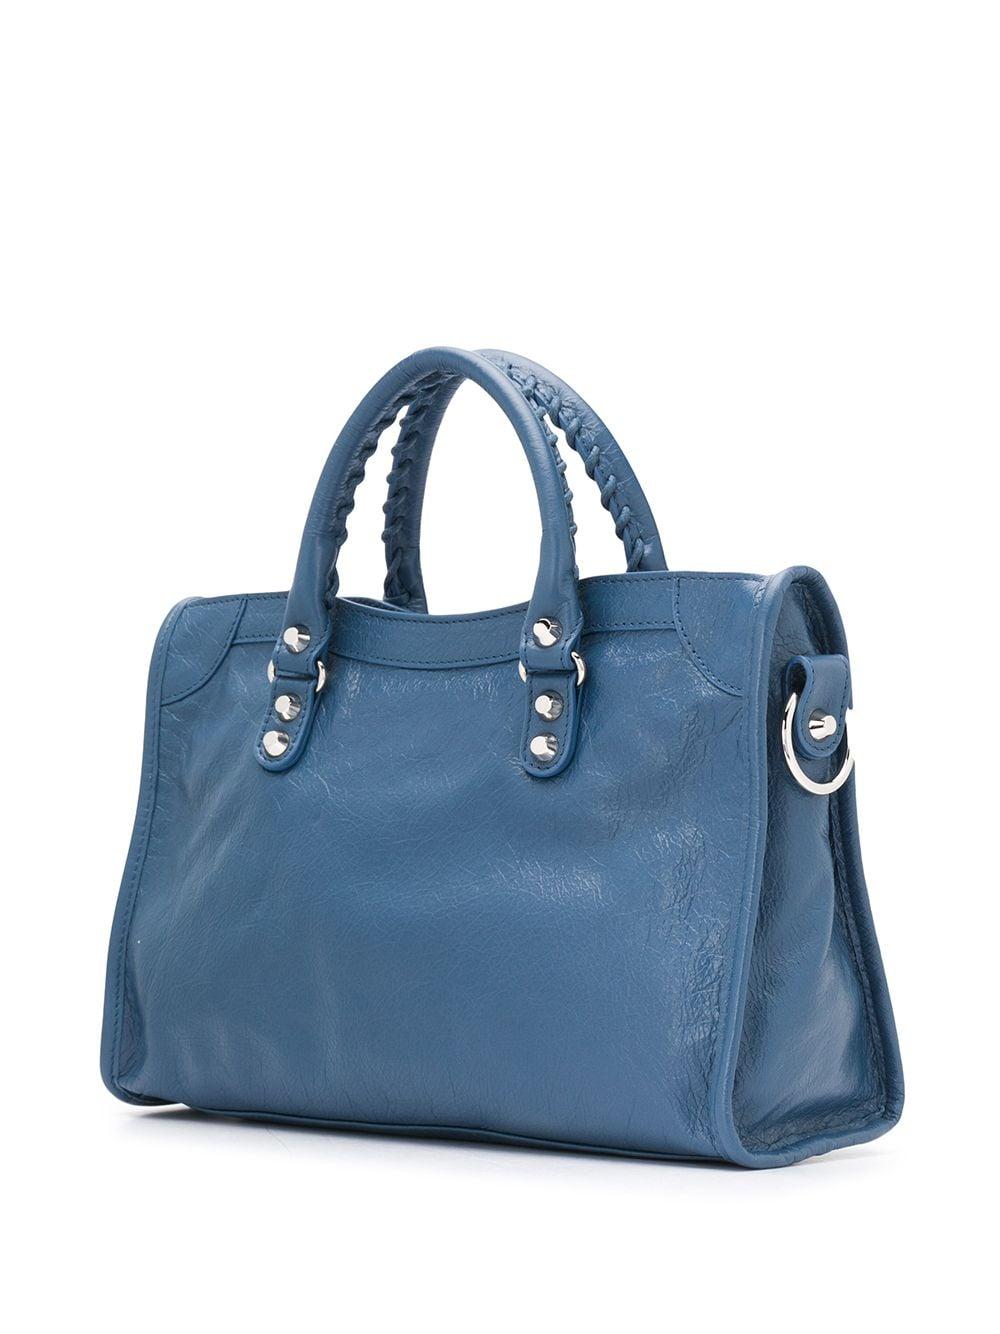 Picture of Balenciaga | Small Classic City Bag